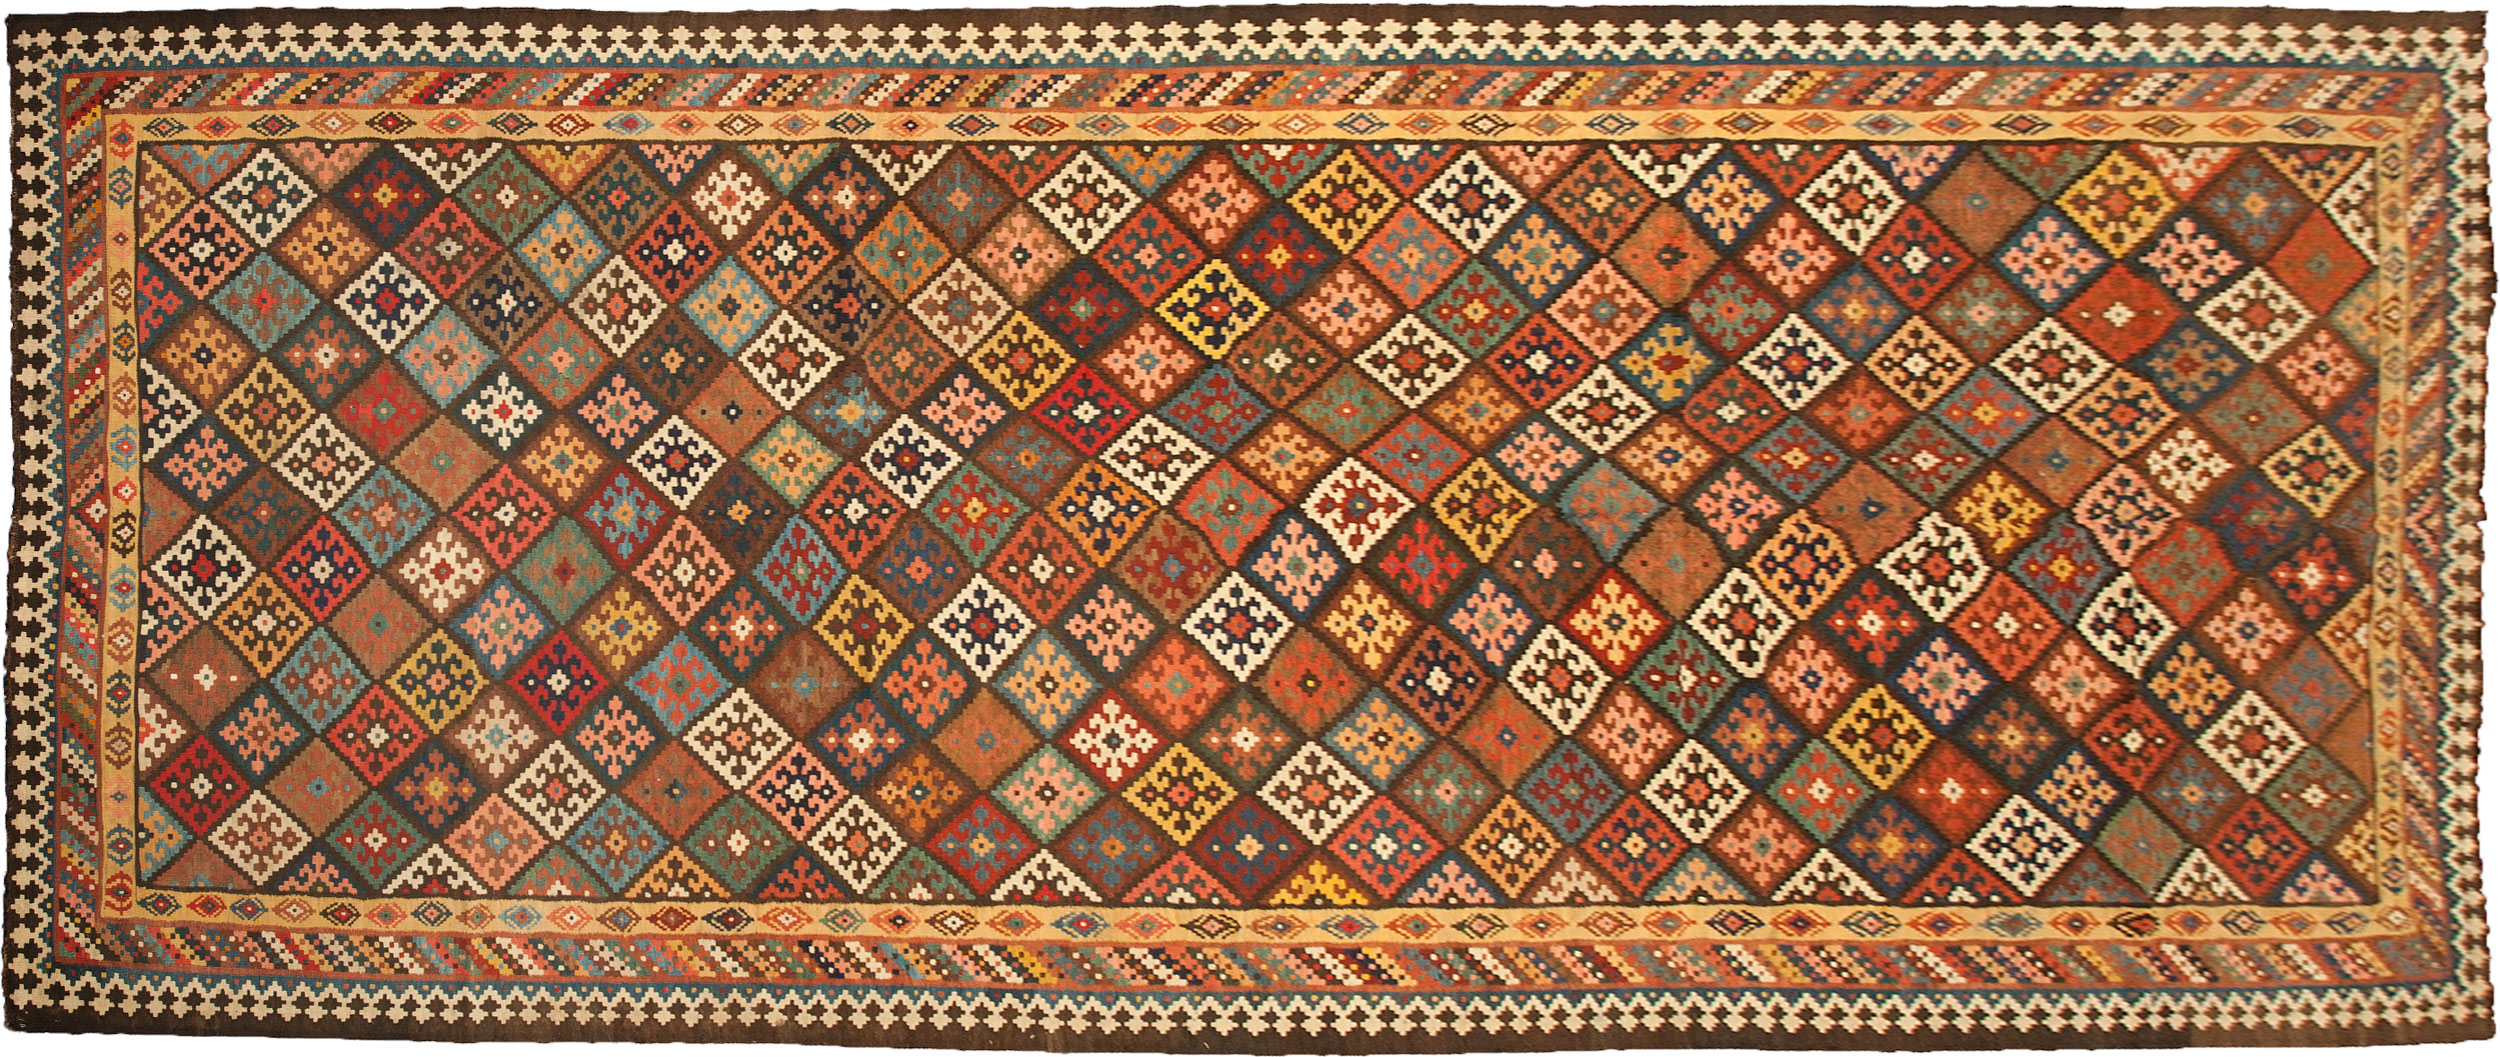 Antique Bakhtiar Kilim Carpet 528x215cm